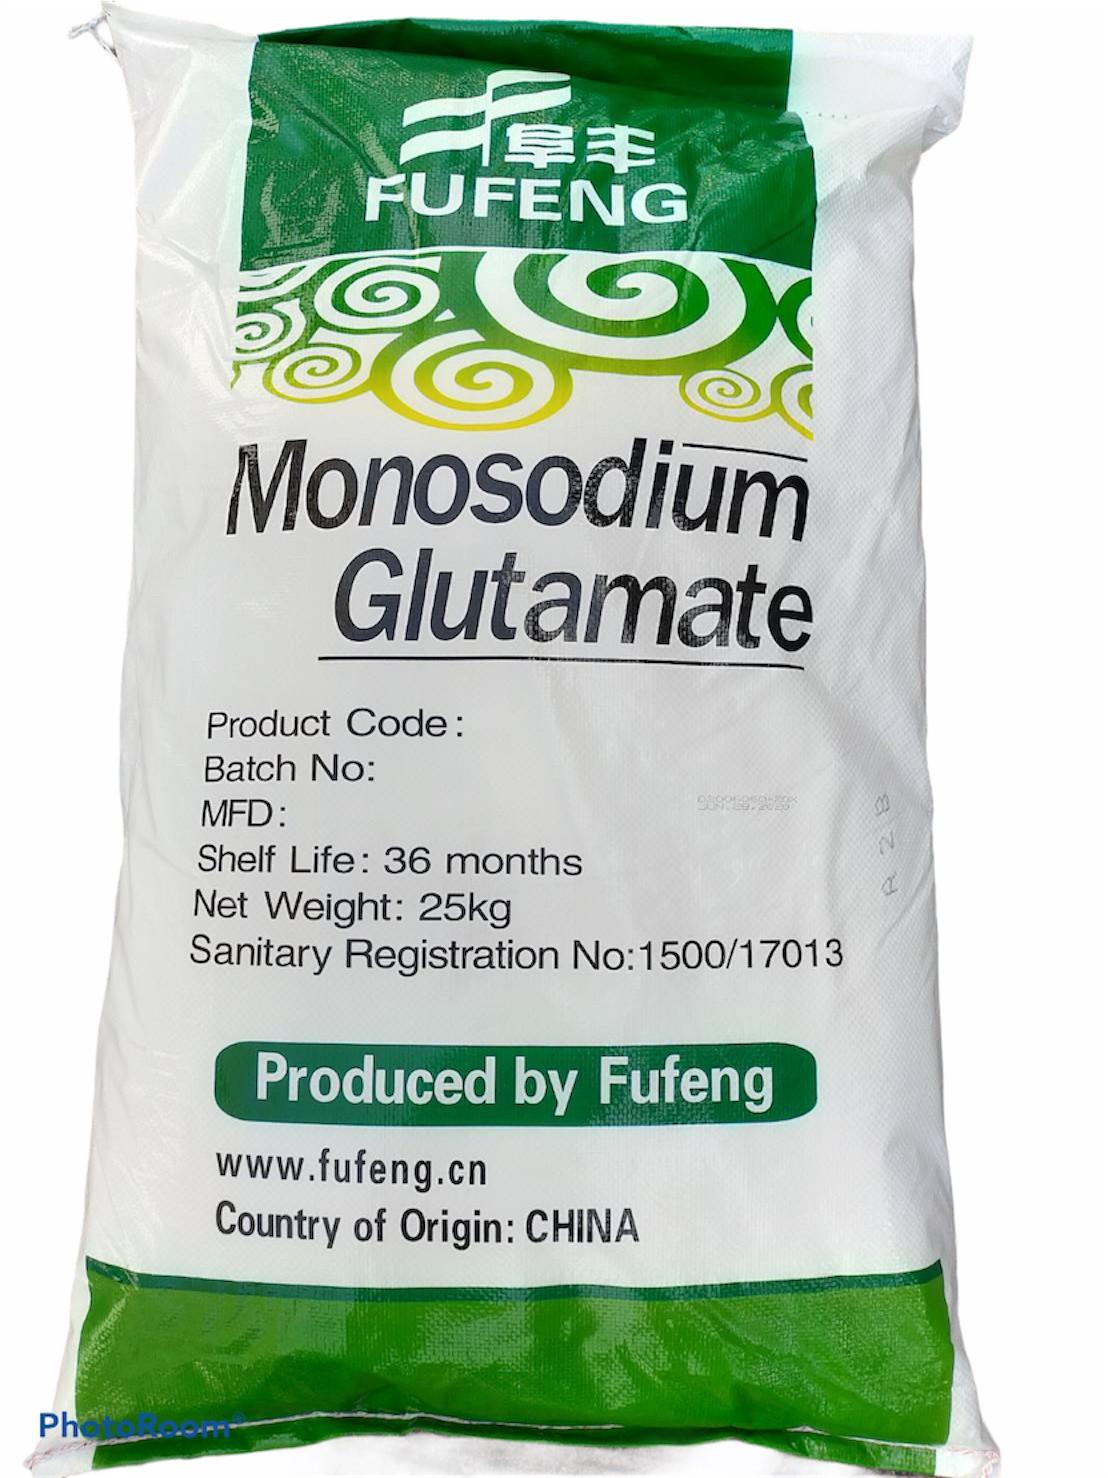 ผงชูรส monosodium glutamate (MSG)